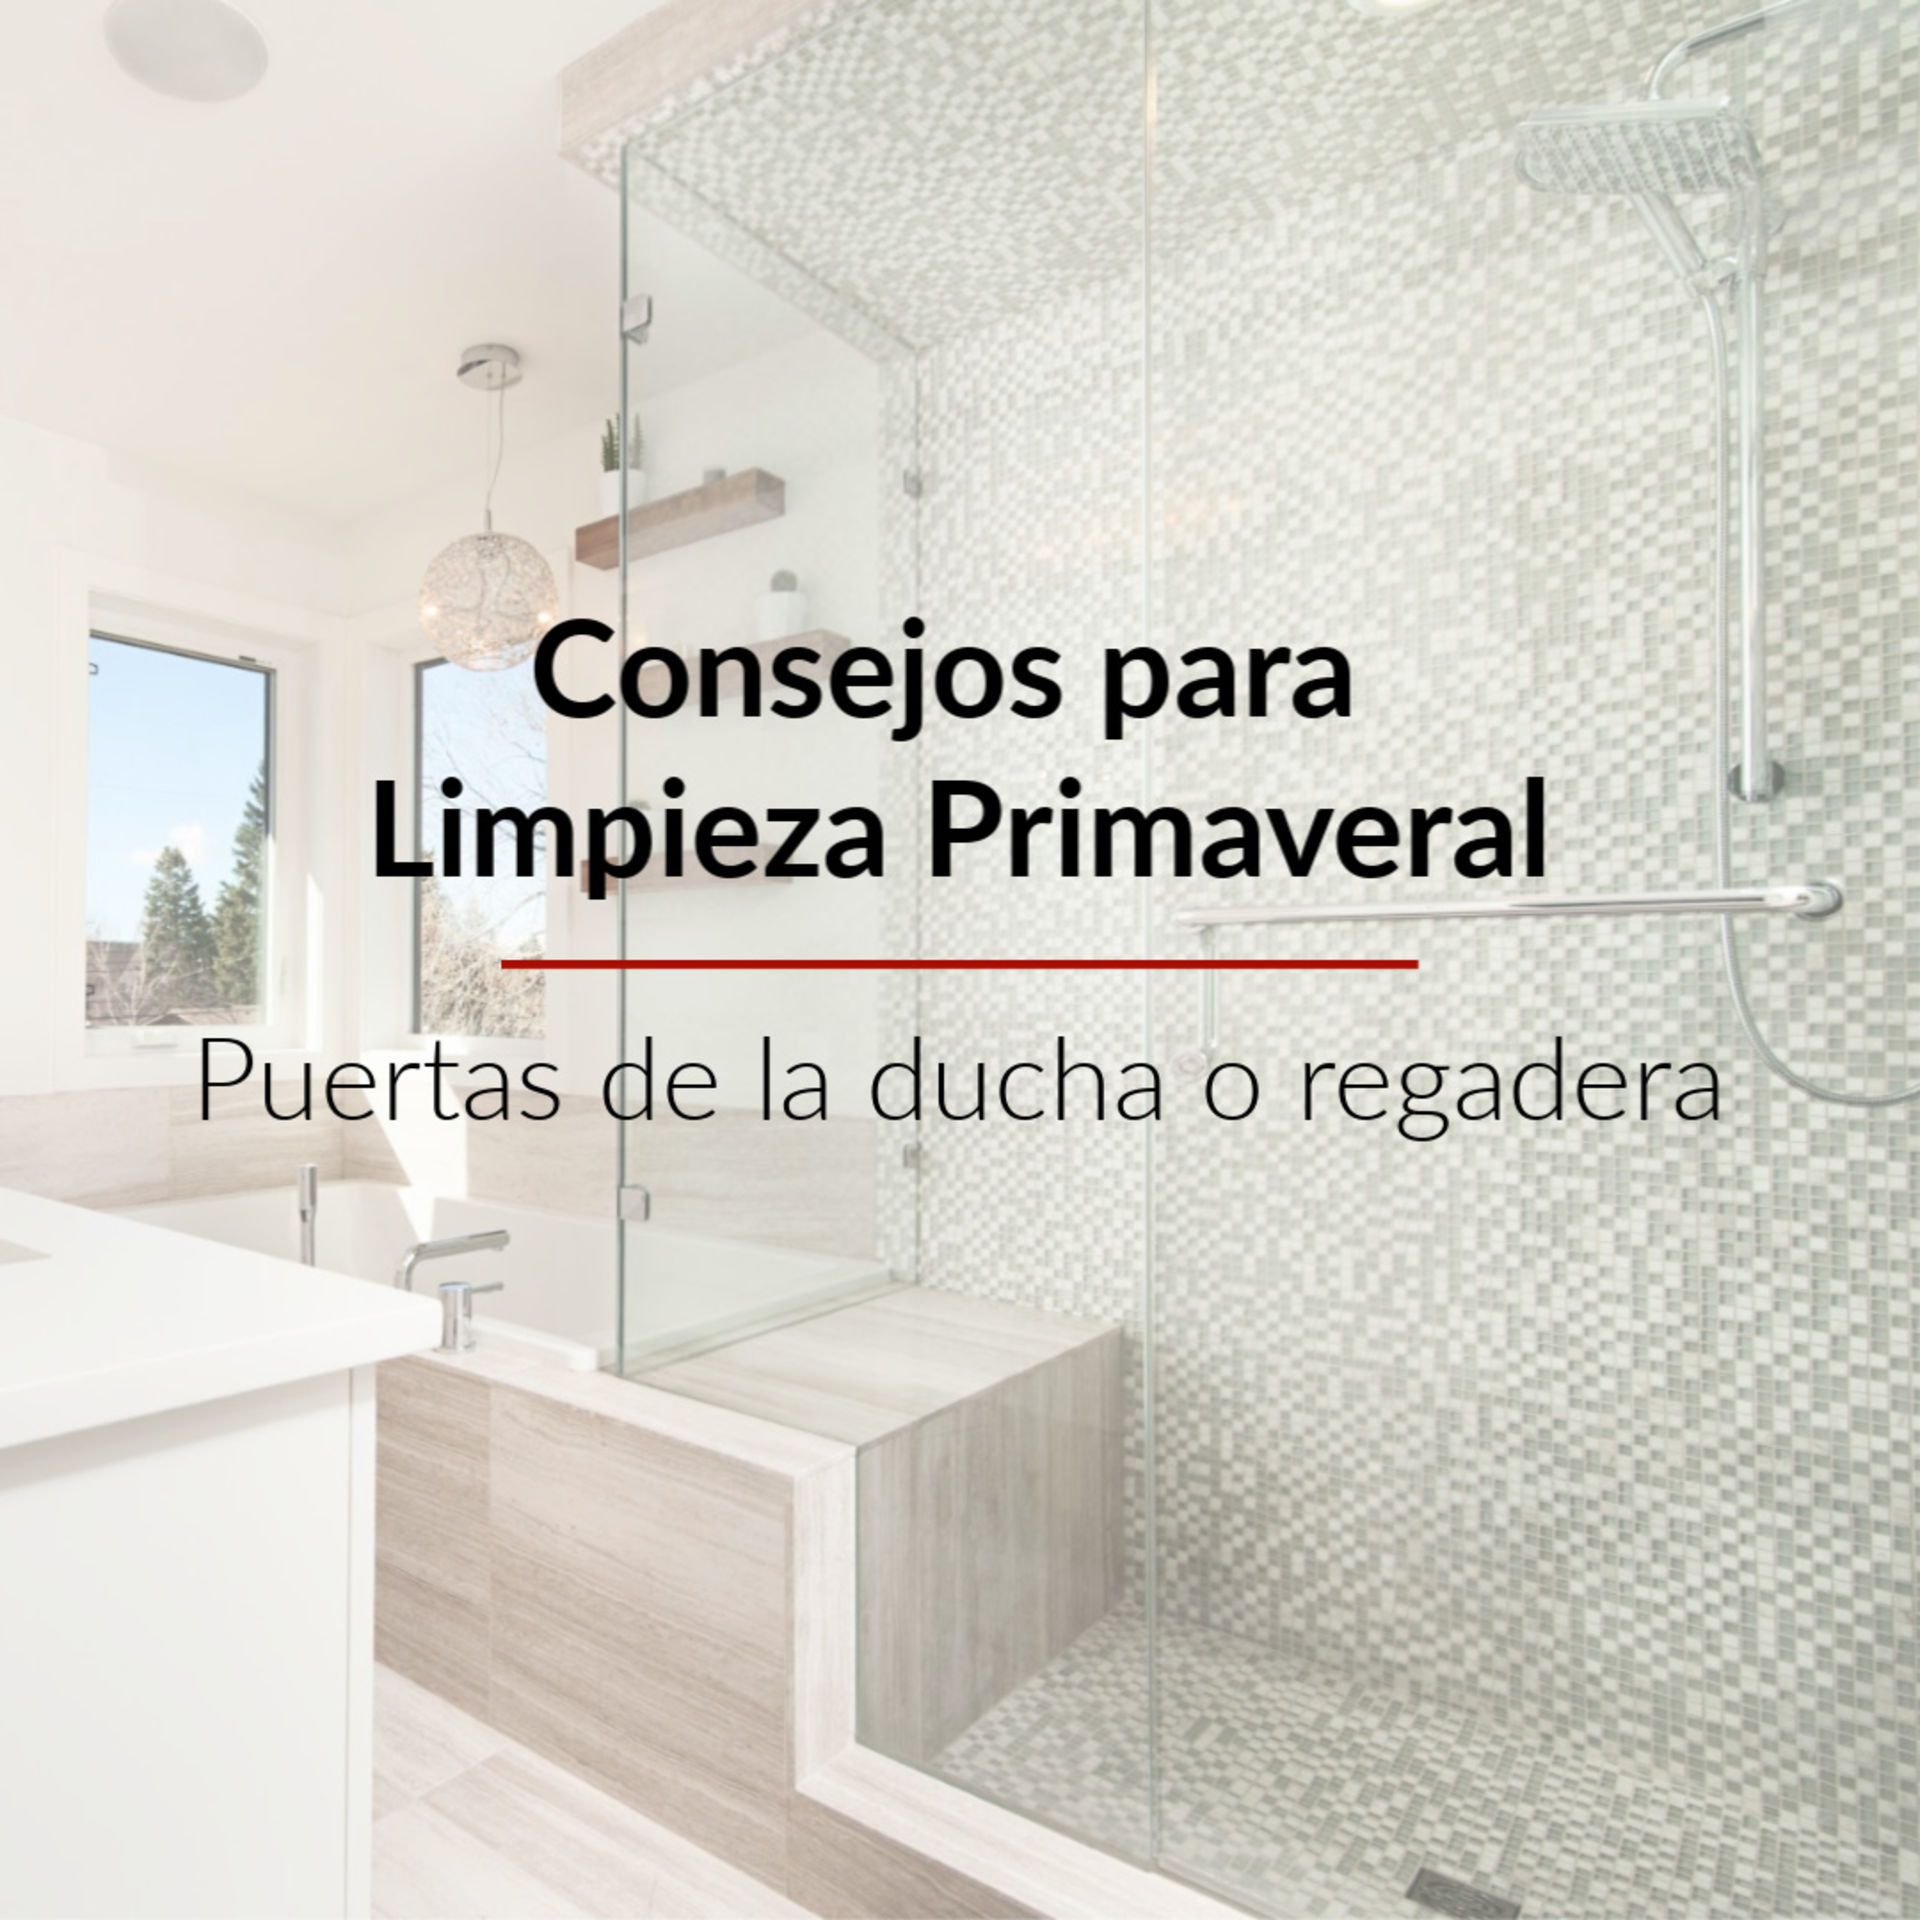 Consejos para Limpieza Primaveral: La ducha